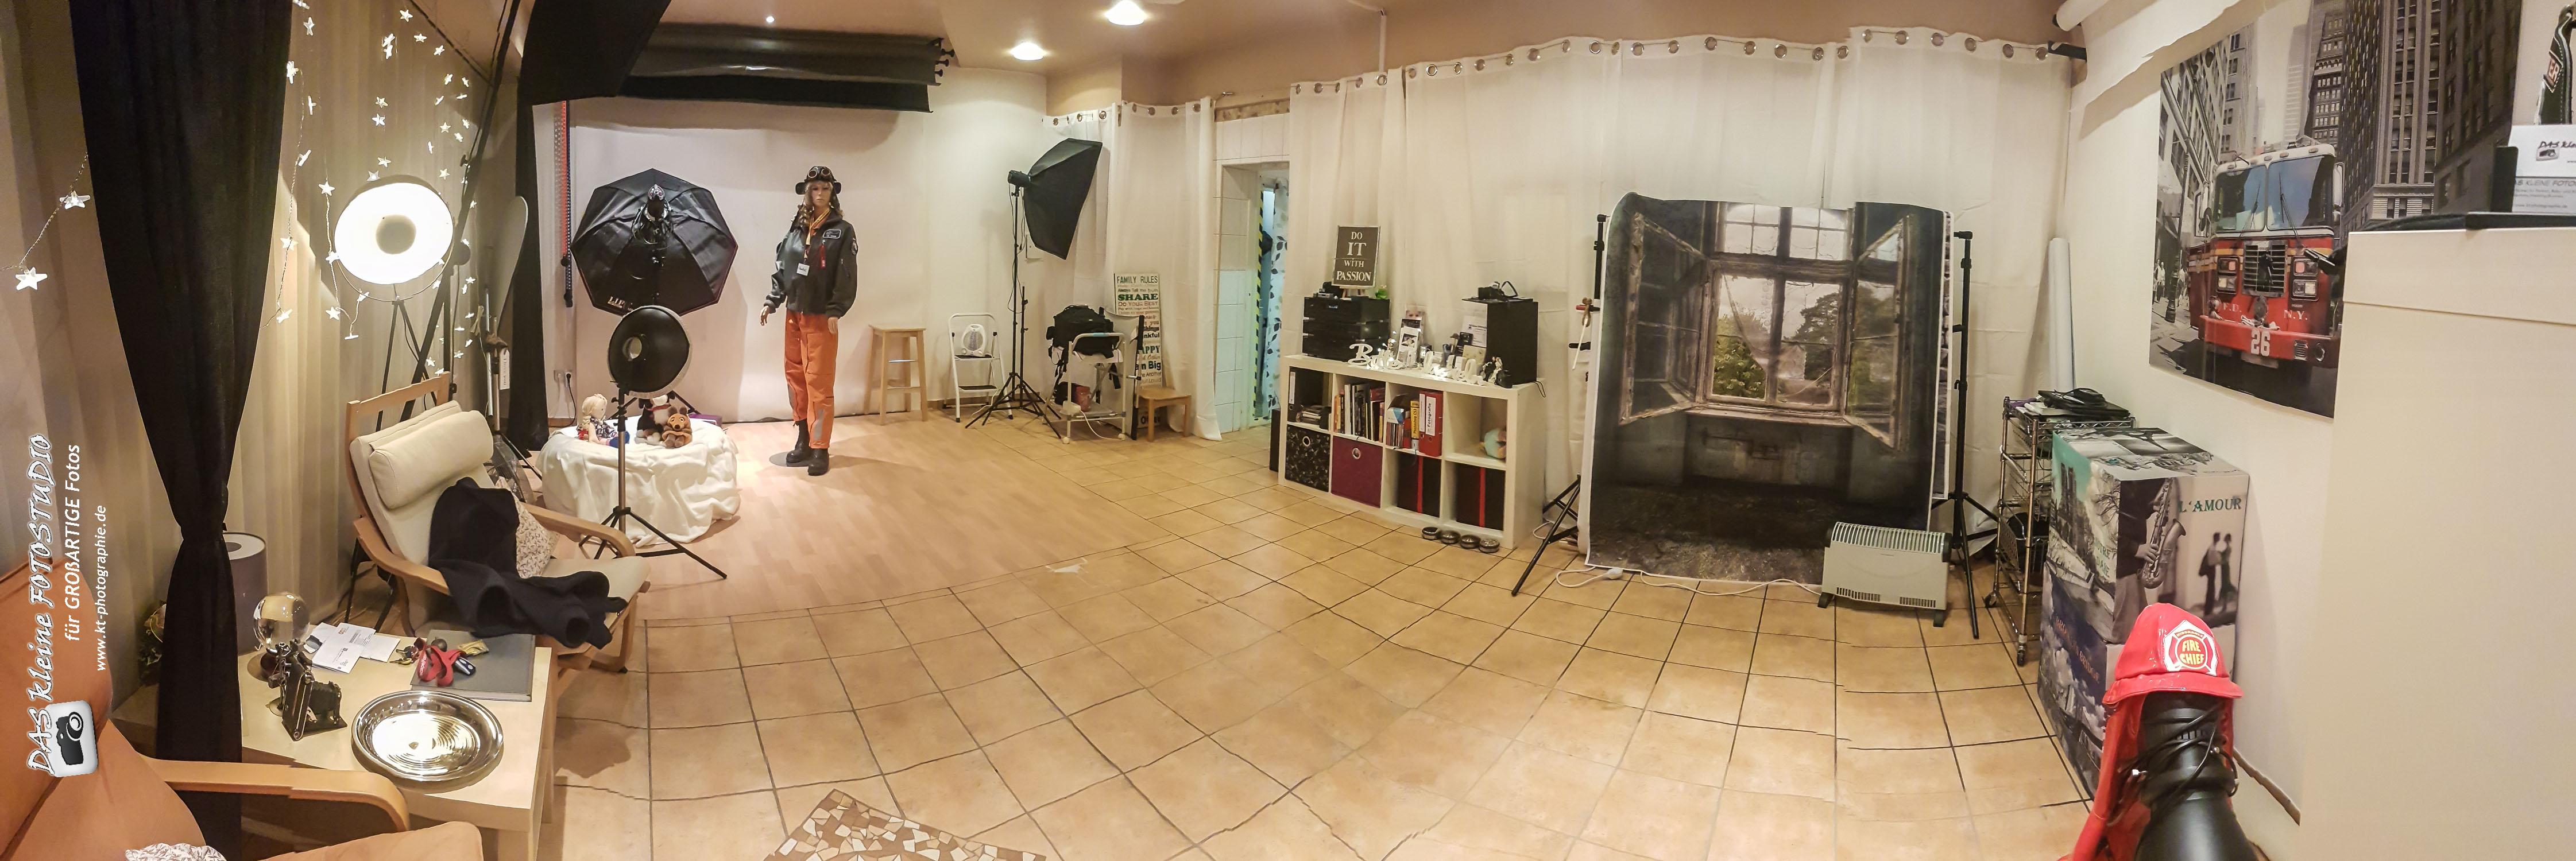 Lichtformer im Studio